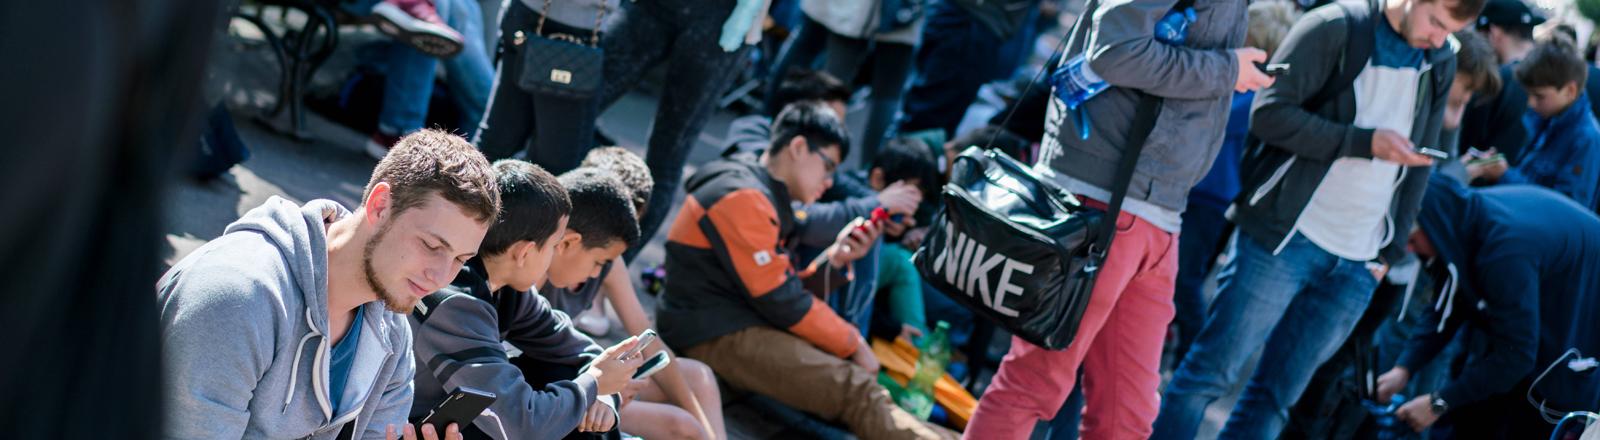 Viele Jugendliche spielen auf dem Smartphone in Düsseldorf Pokémon Go.